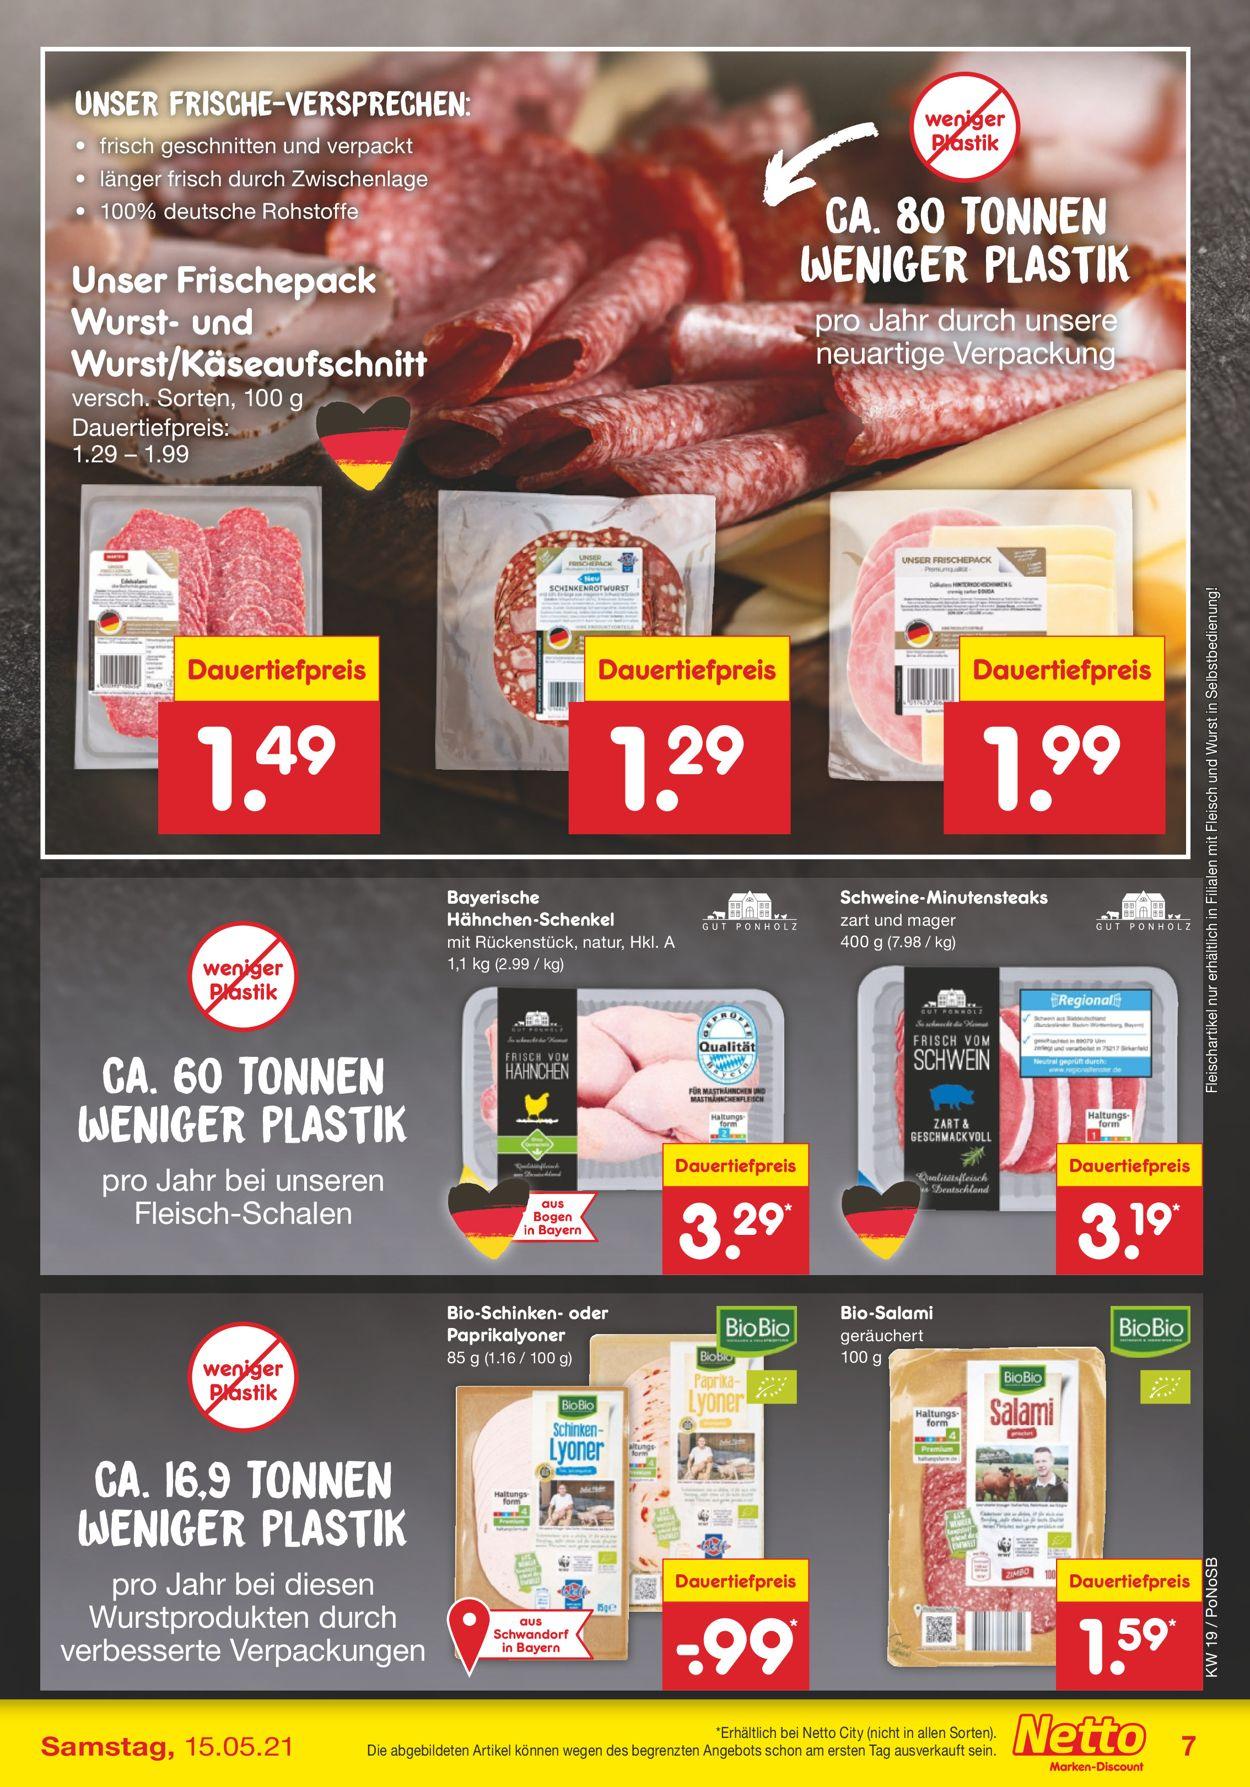 Netto Marken-Discount Prospekt - Aktuell vom 10.05-15.05.2021 (Seite 7)